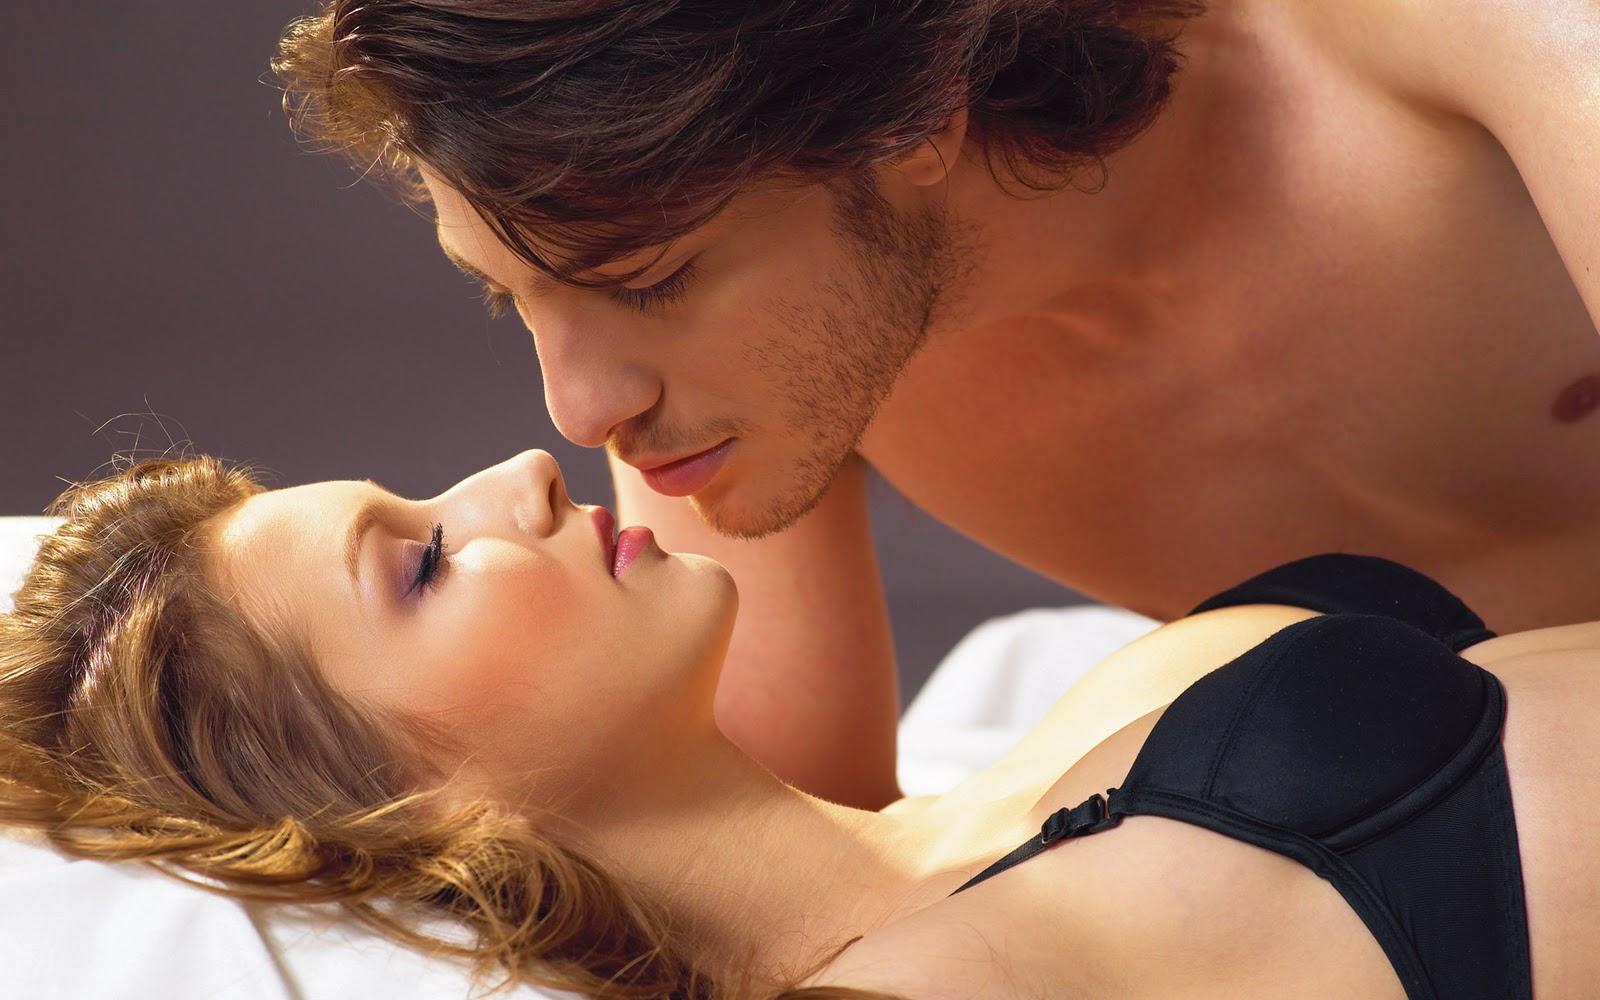 http://1.bp.blogspot.com/-pNBR5ctN4hU/Twf2lnXxeAI/AAAAAAAACrg/K4cH4UFxzdk/s1600/Couples_16.jpg